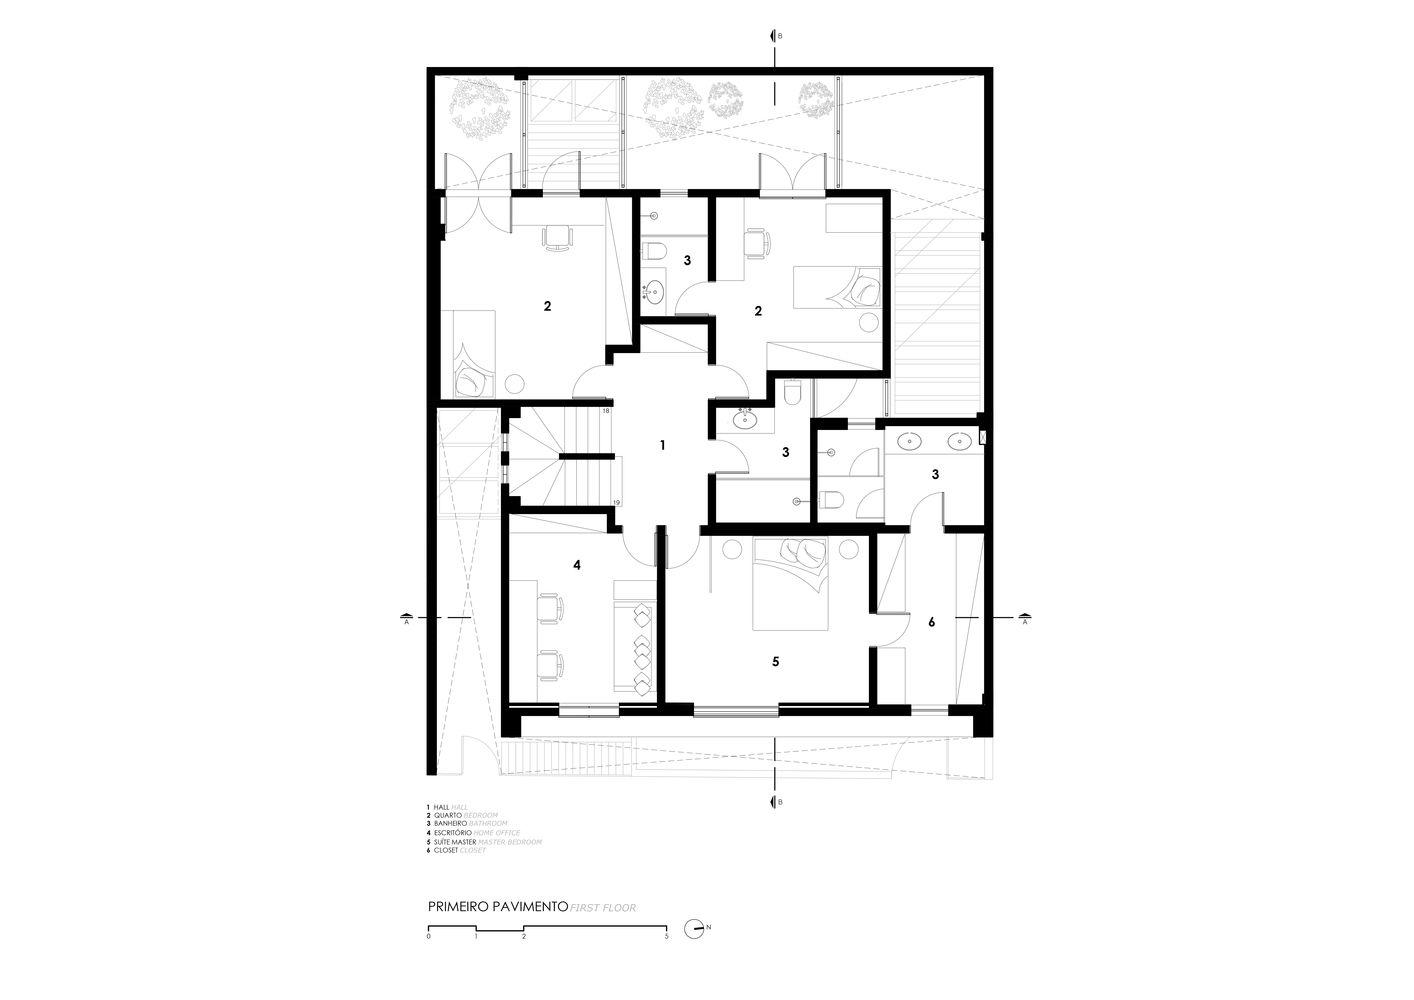 Planta de casa com 3 quartos